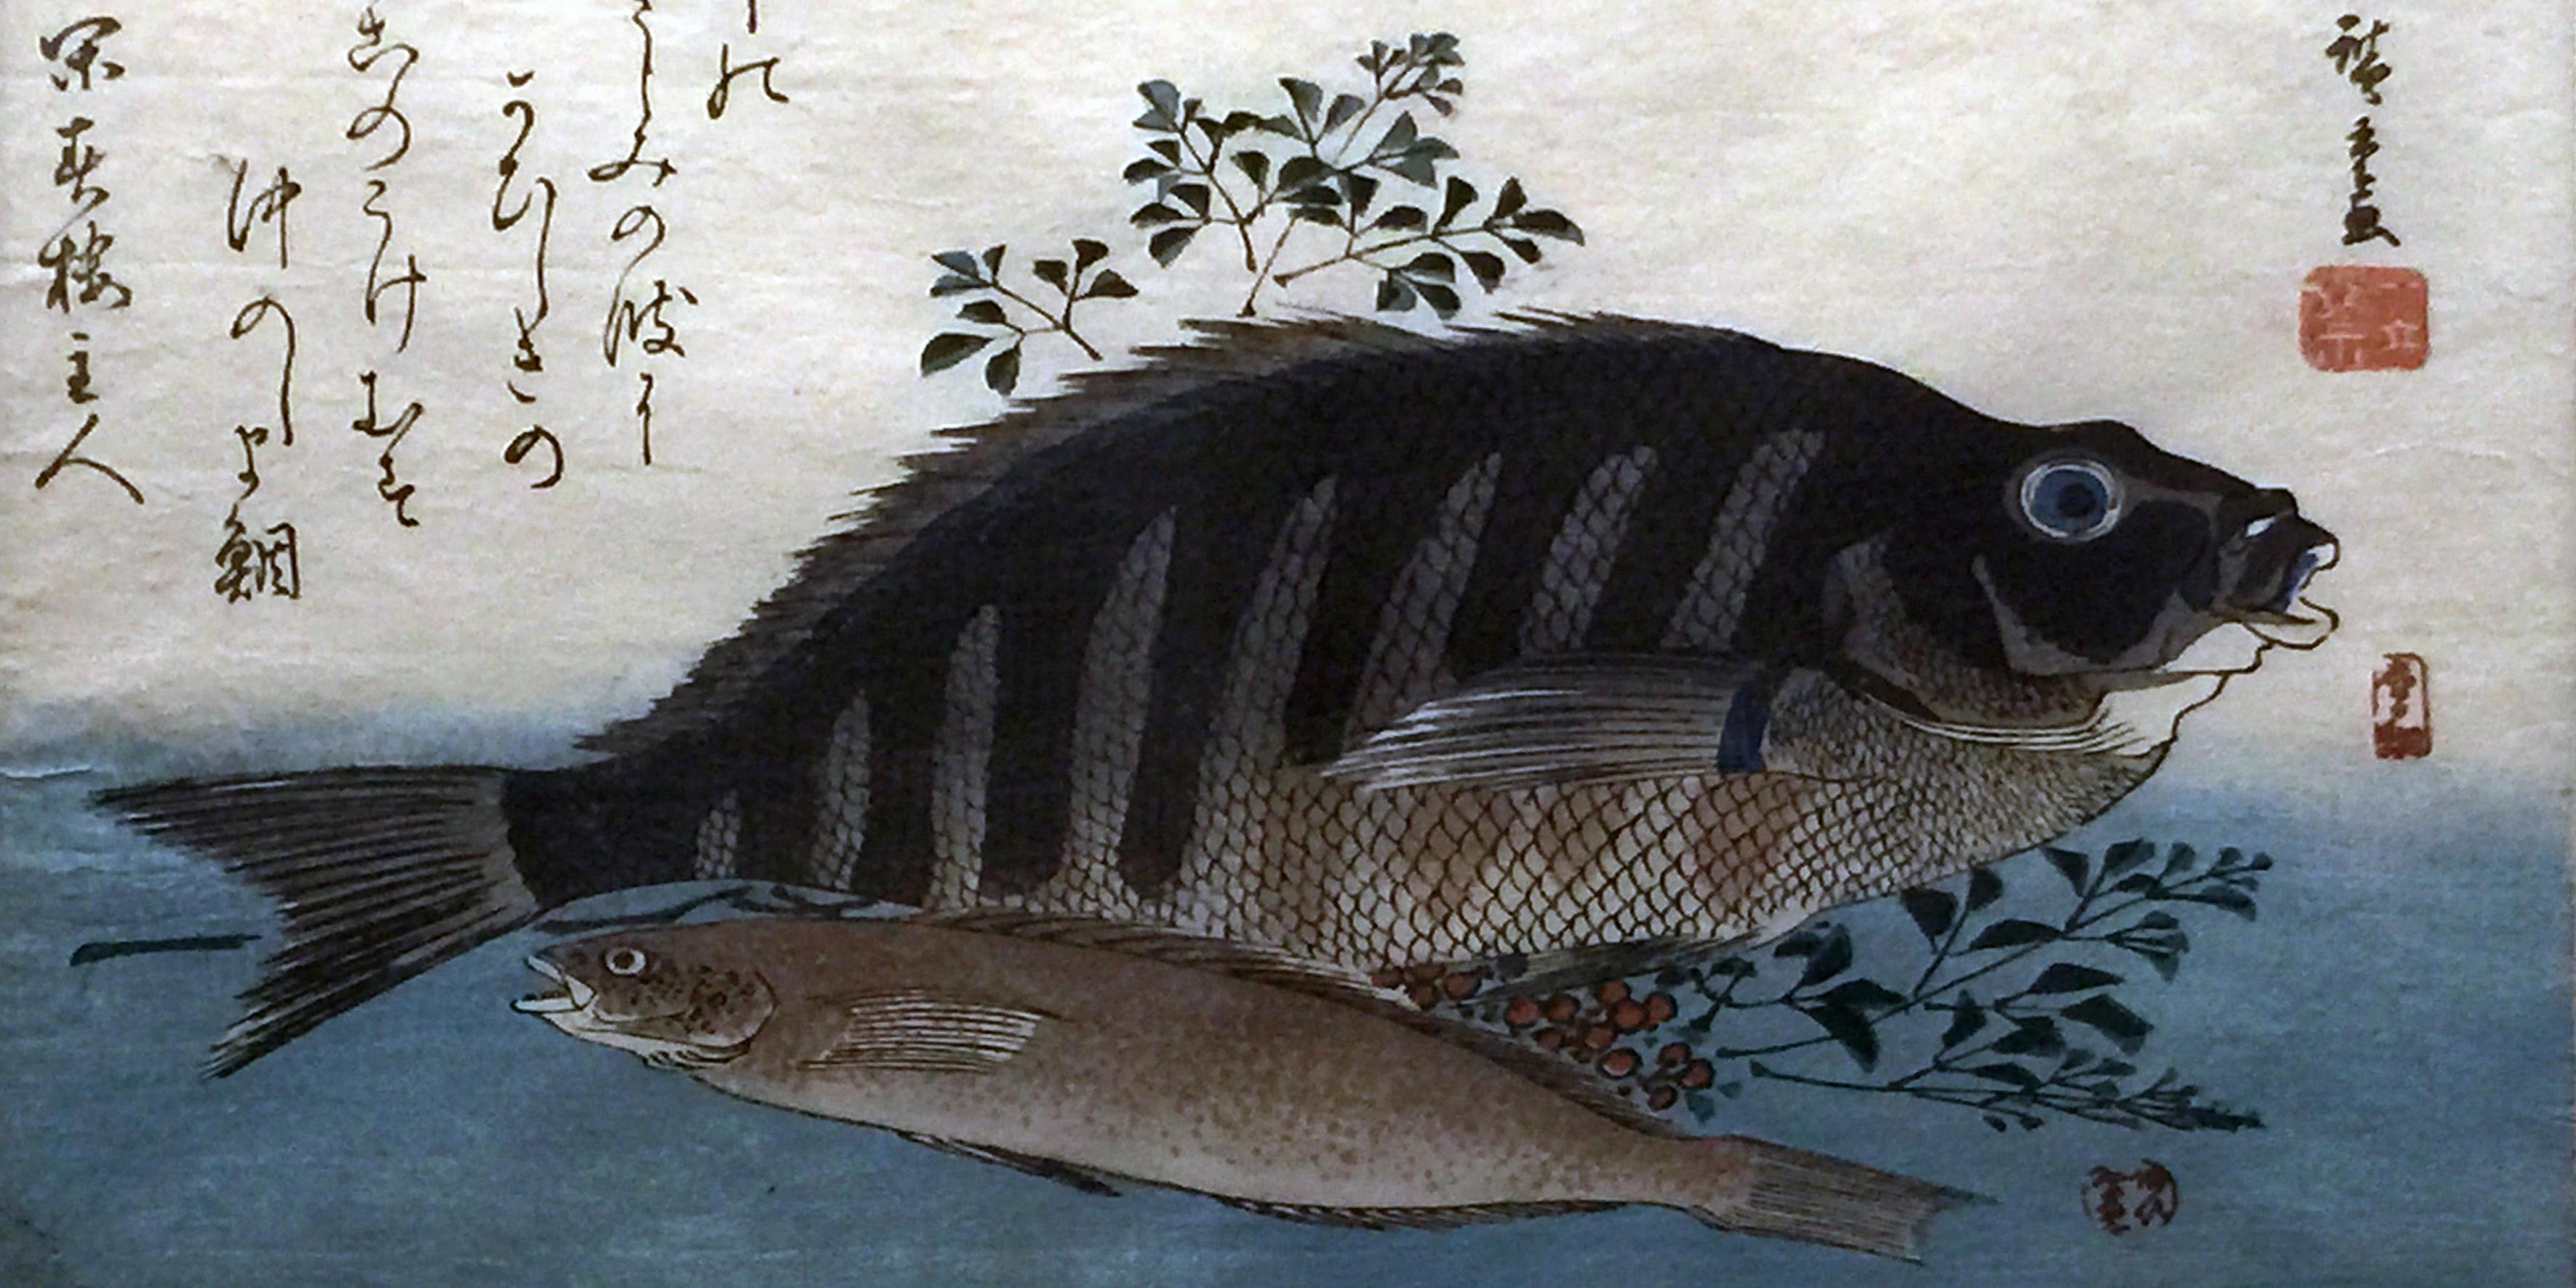 Cernia e pagello e una pianta di nandina-1840-1842-Xilografia policroma su carta da gelso-Hiroshige-Utagawa-Arte giapponese